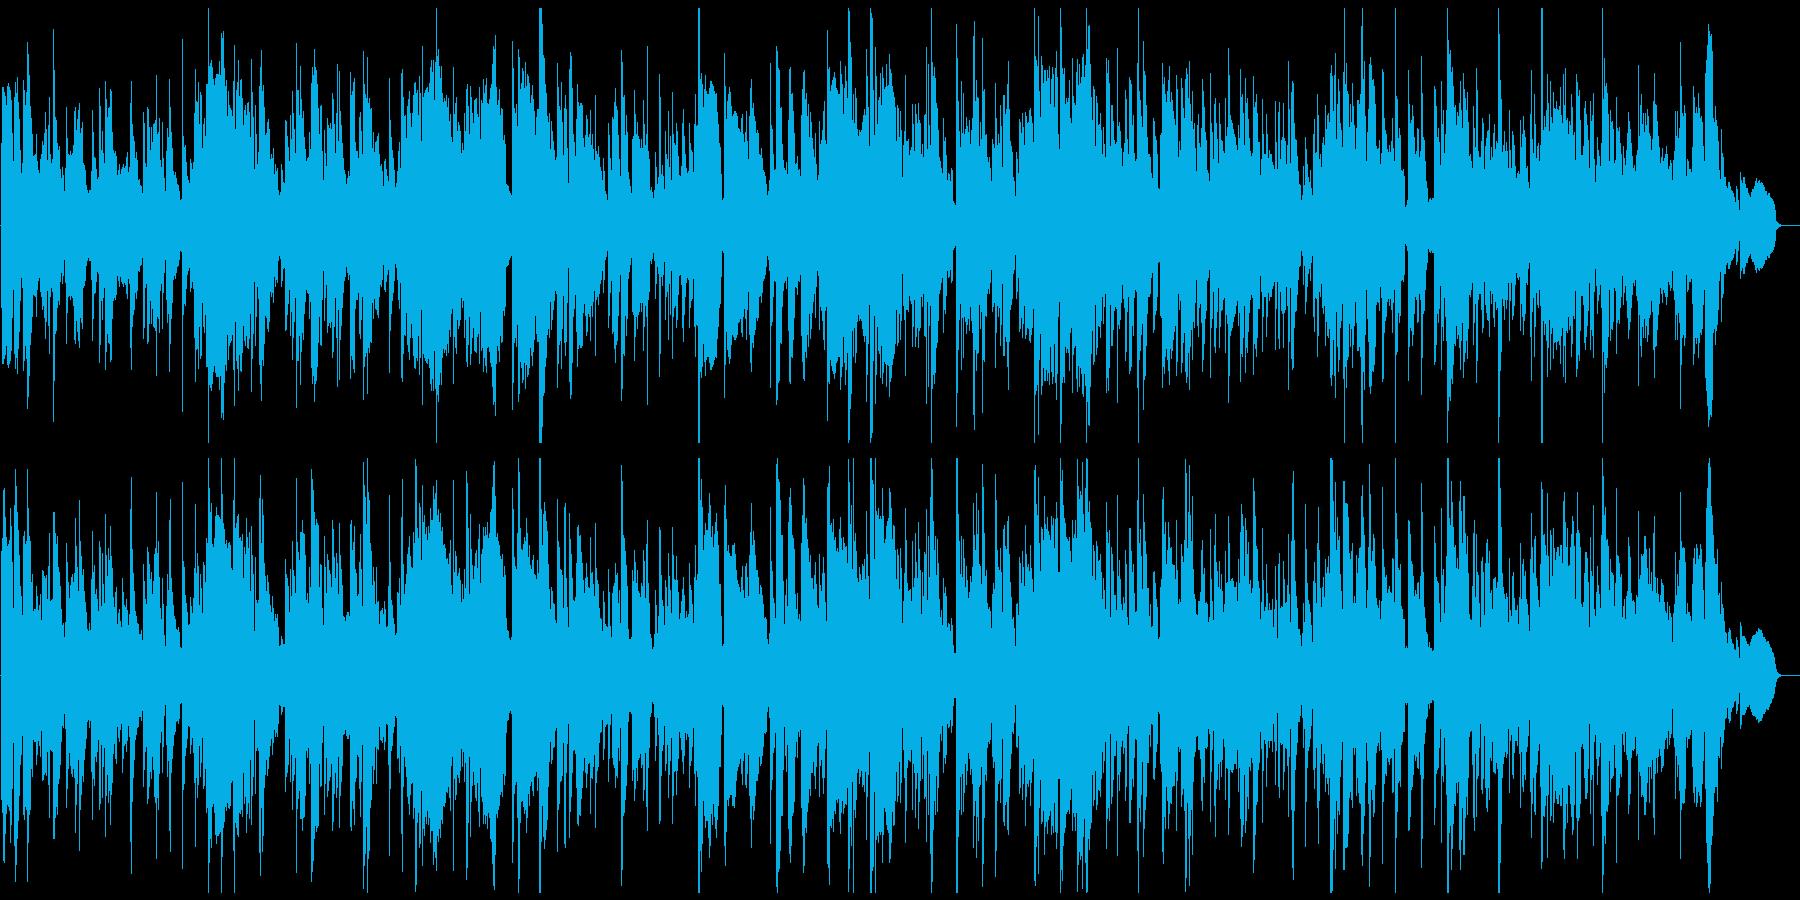 暖かい幸せなジャズ・バラード、ロマンスの再生済みの波形